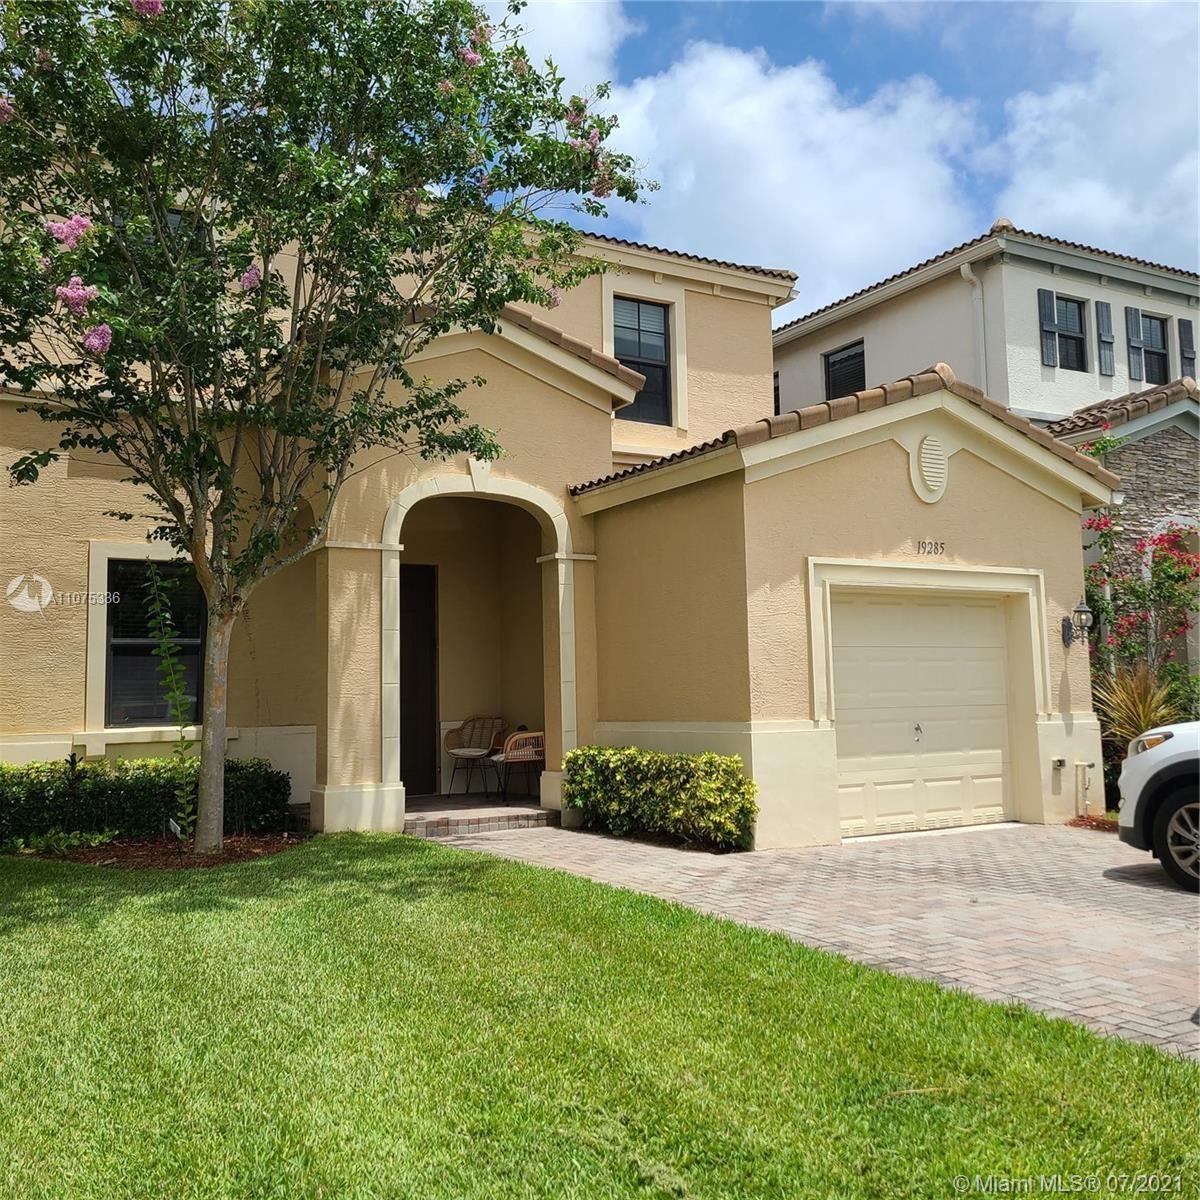 19285 NE 8th Ct, Miami, FL 33179 - #: A11075336